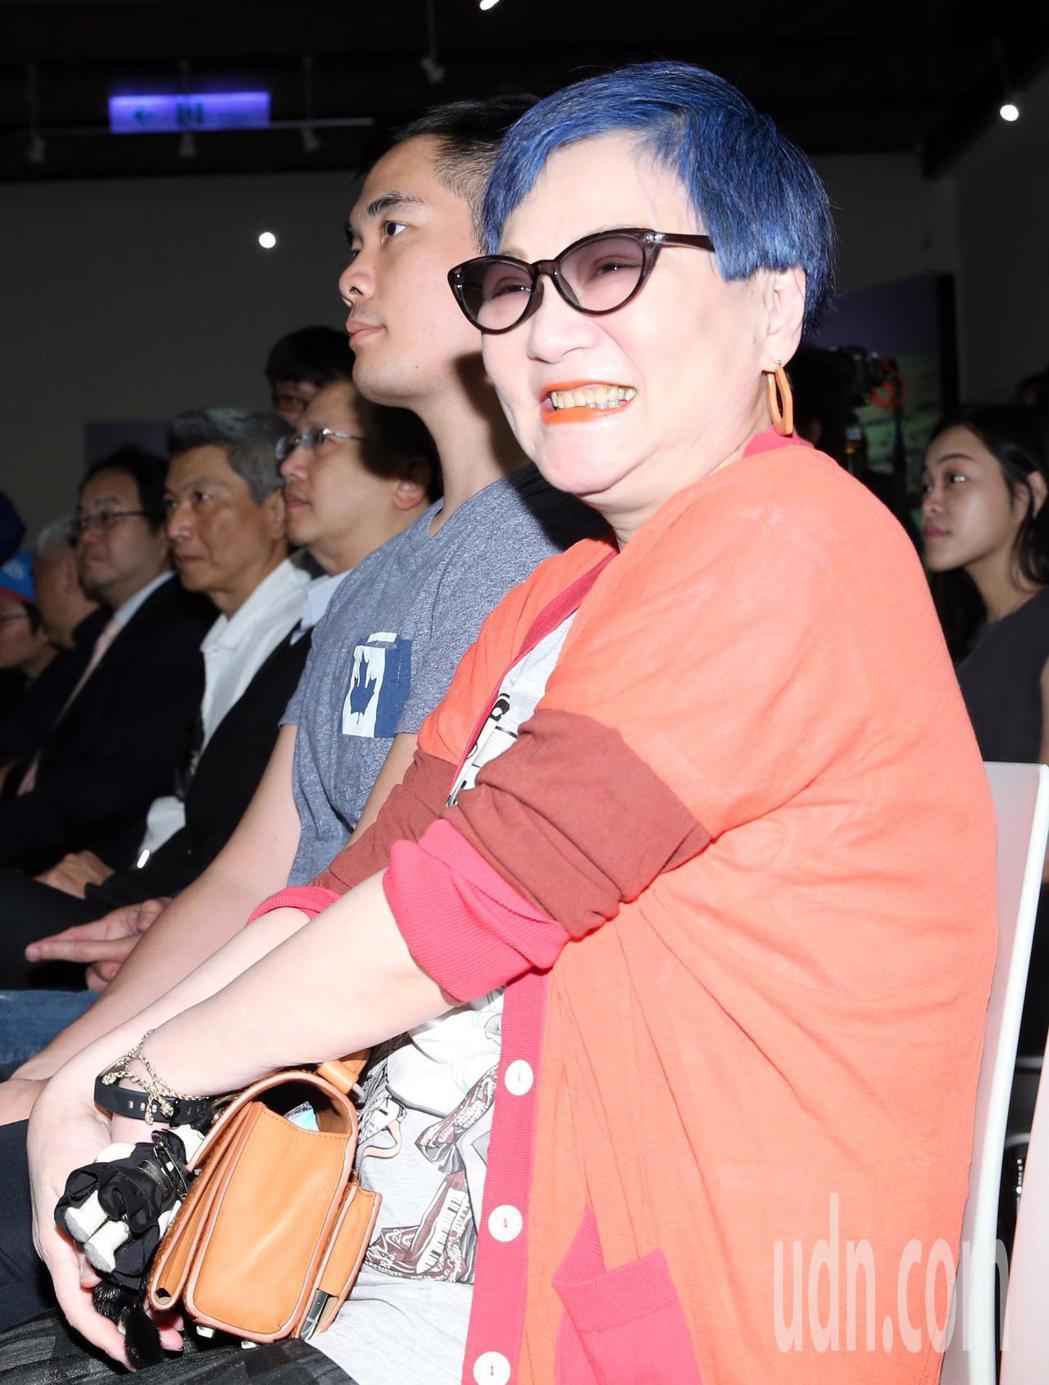 綜藝教母張小燕下午出席「錦繡山河,少數民族風情」攝影展。記者許正宏/攝影